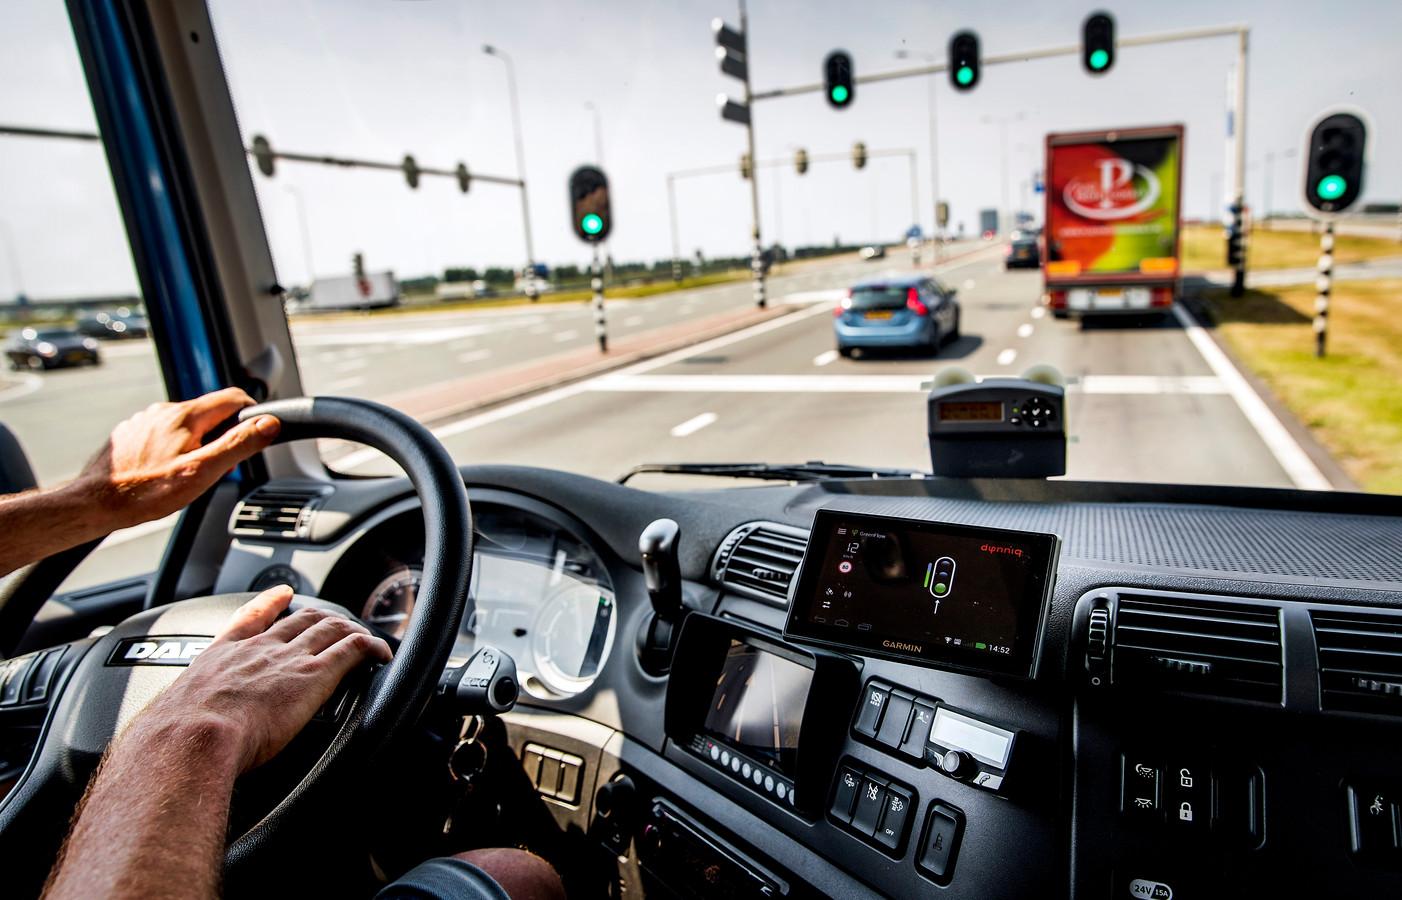 Beroepschauffeurs die geboren zijn vóór 1 juli 1955 hebben nu nog een vrijstelling voor een zogeheten code 95 op het rijbewijs. Maar dat verandert per 1 november.